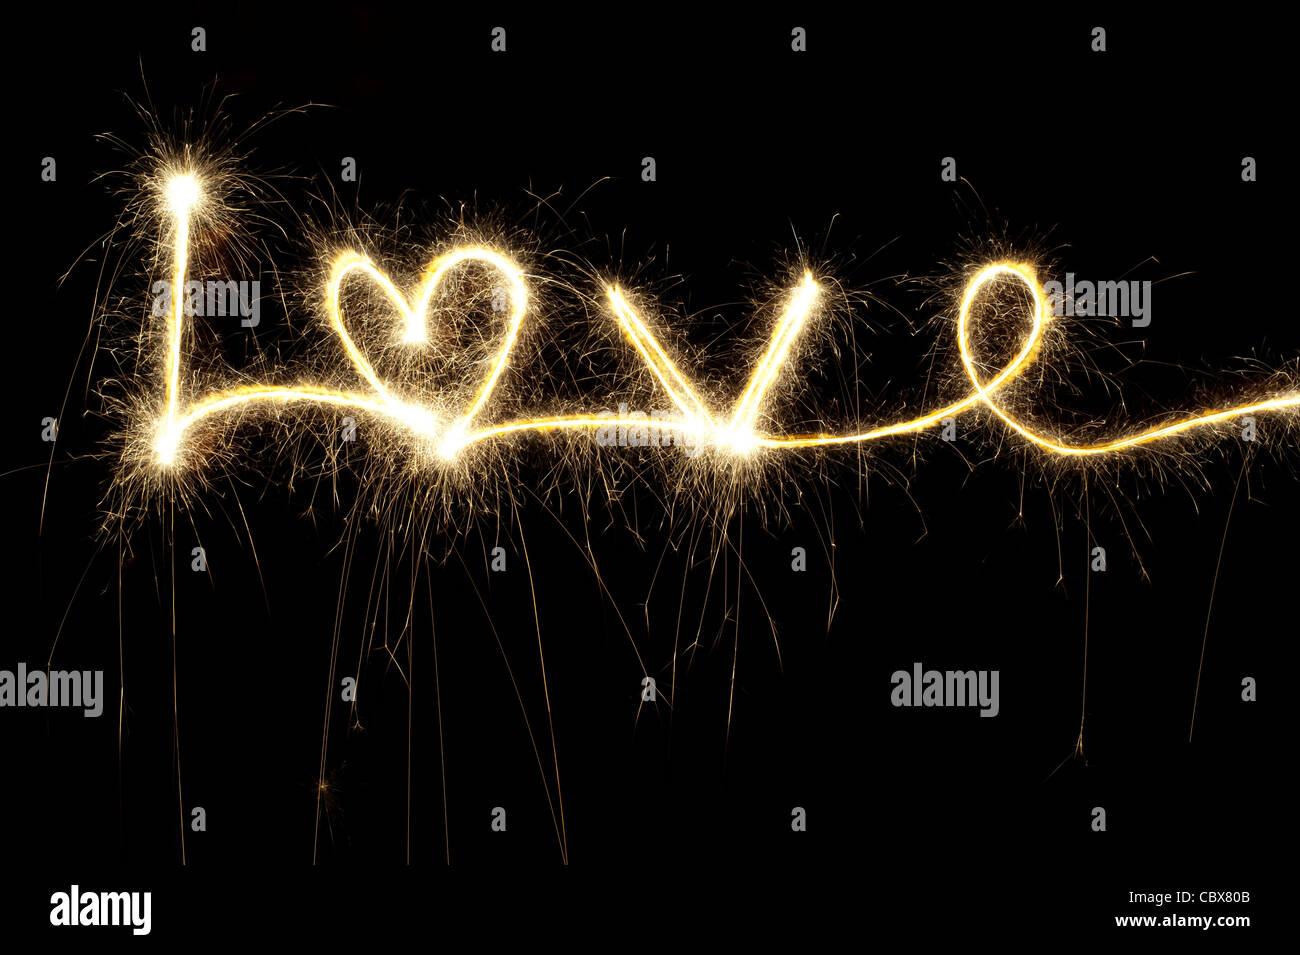 Amore scritte con un sparkler a notte compresa una forma di cuore Foto Stock